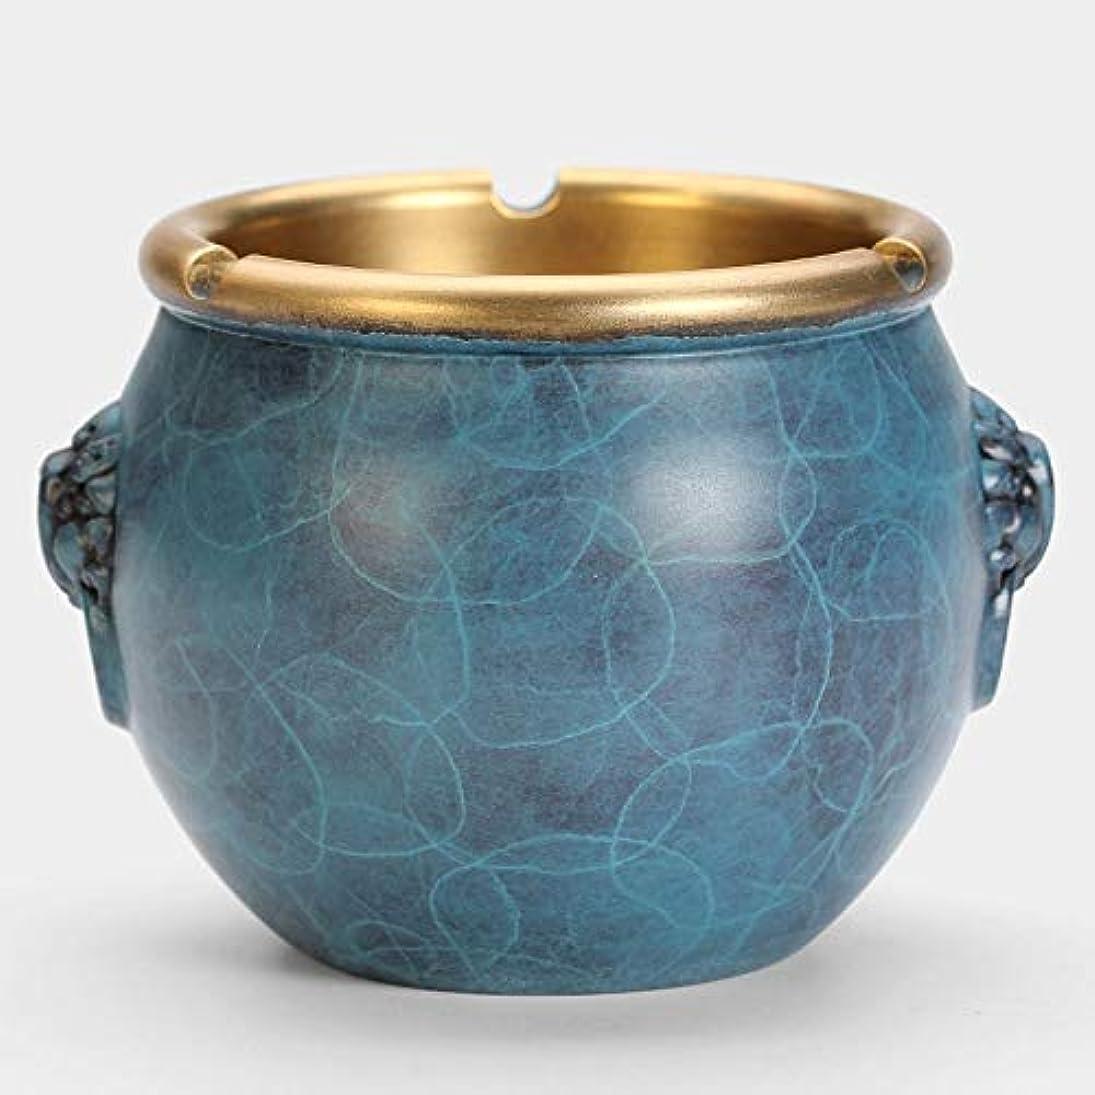 故意の女王病な灰皿クリエイティブ純銅灰皿 (色 : 青)